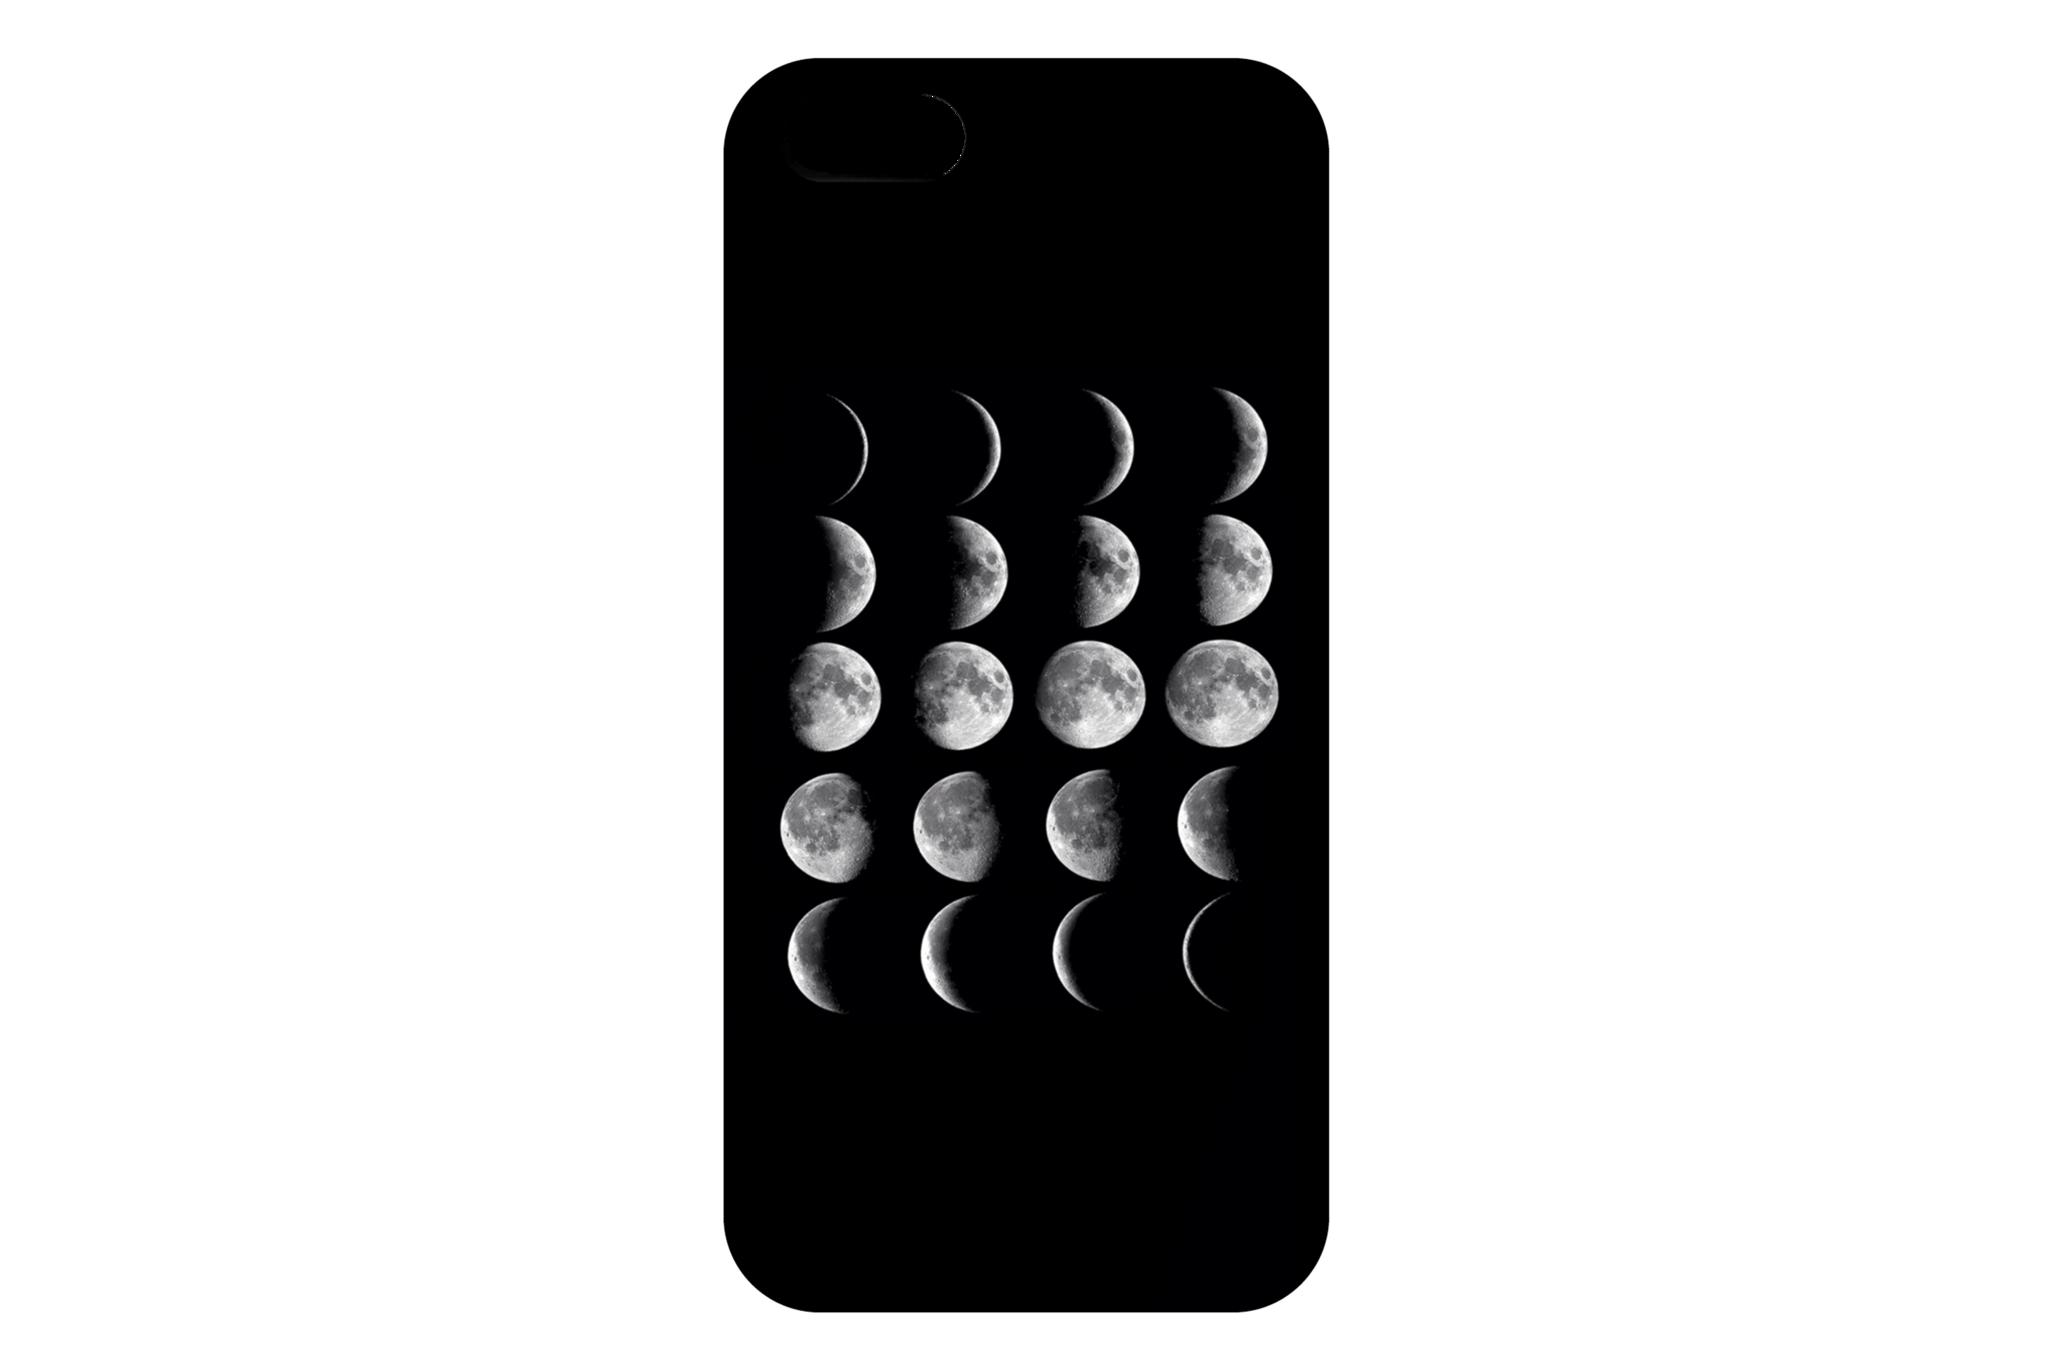 おげんきですか: Tumblr inspired: iPhone cases part I